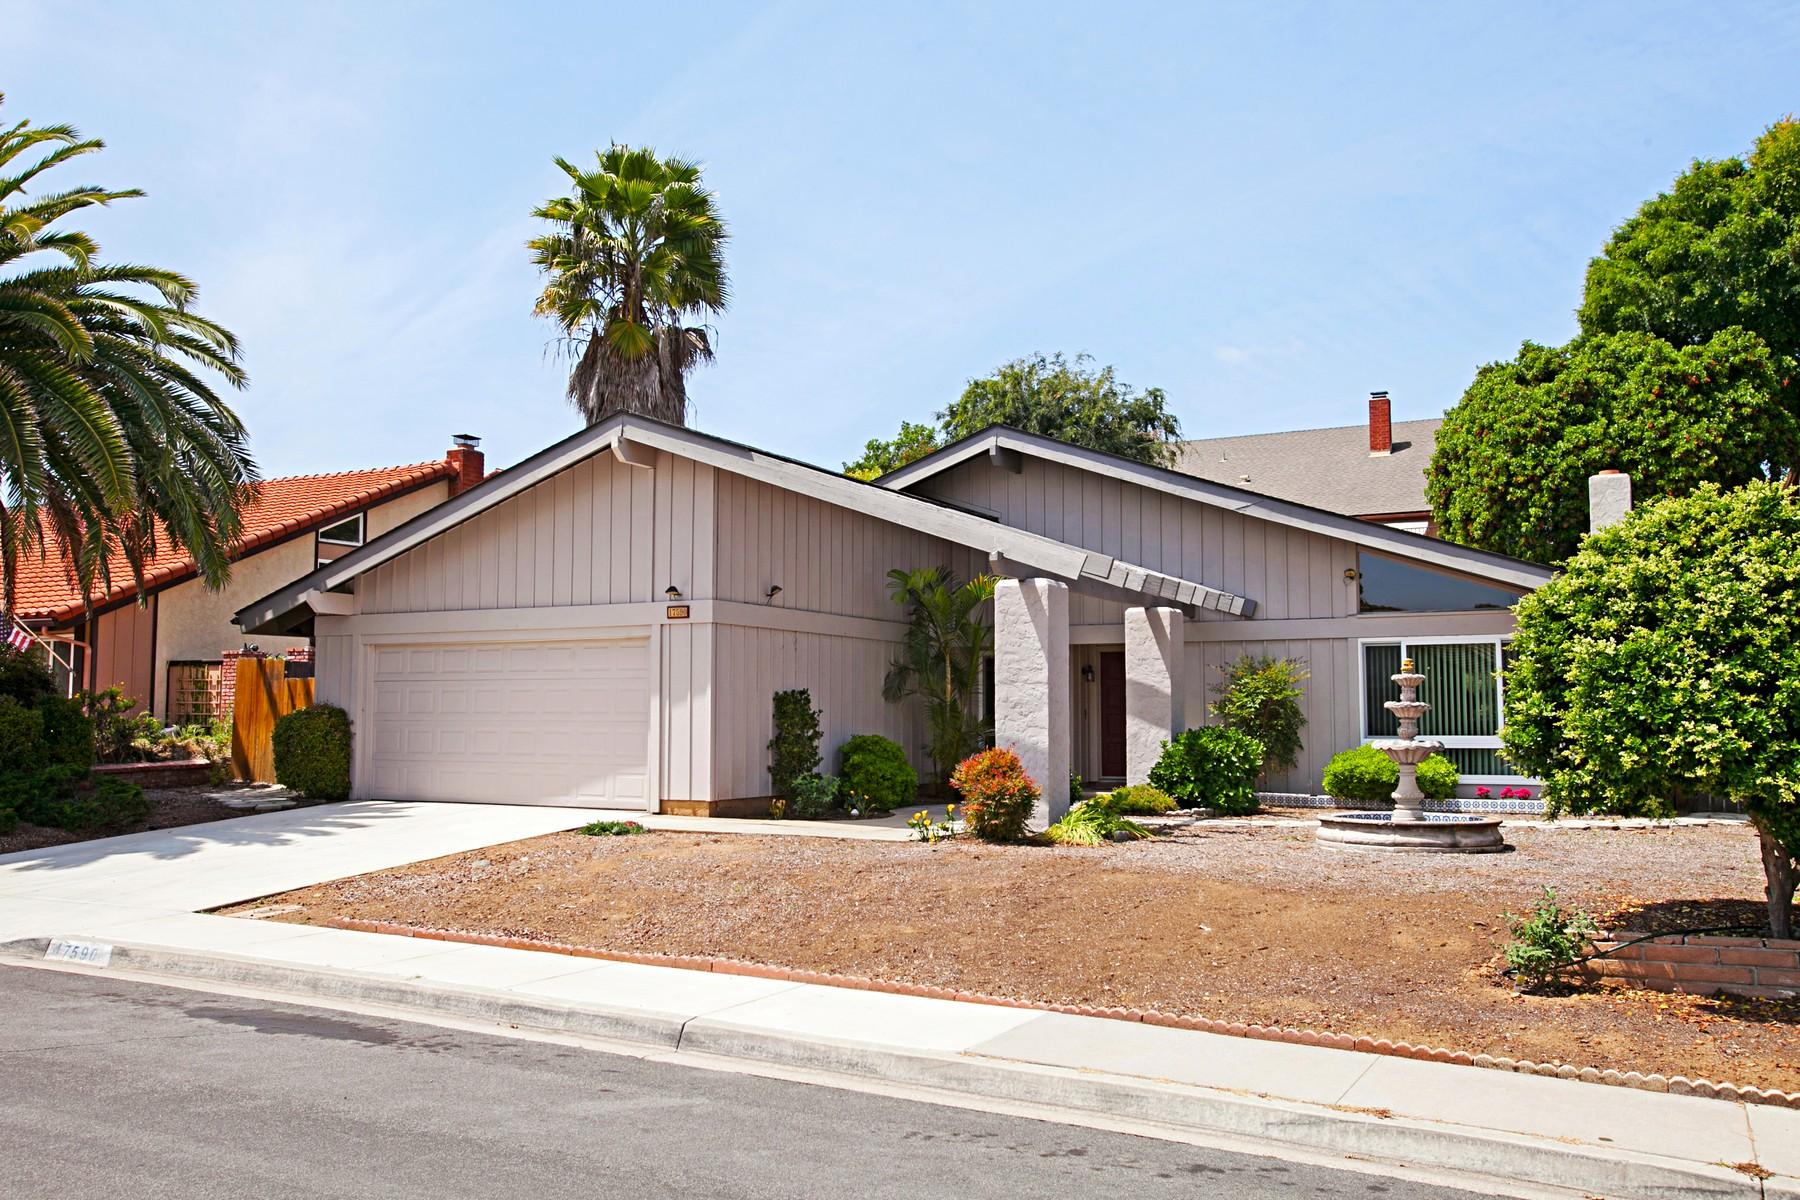 단독 가정 주택 용 매매 에 17590 Matinal Drive San Diego, 캘리포니아, 92127 미국